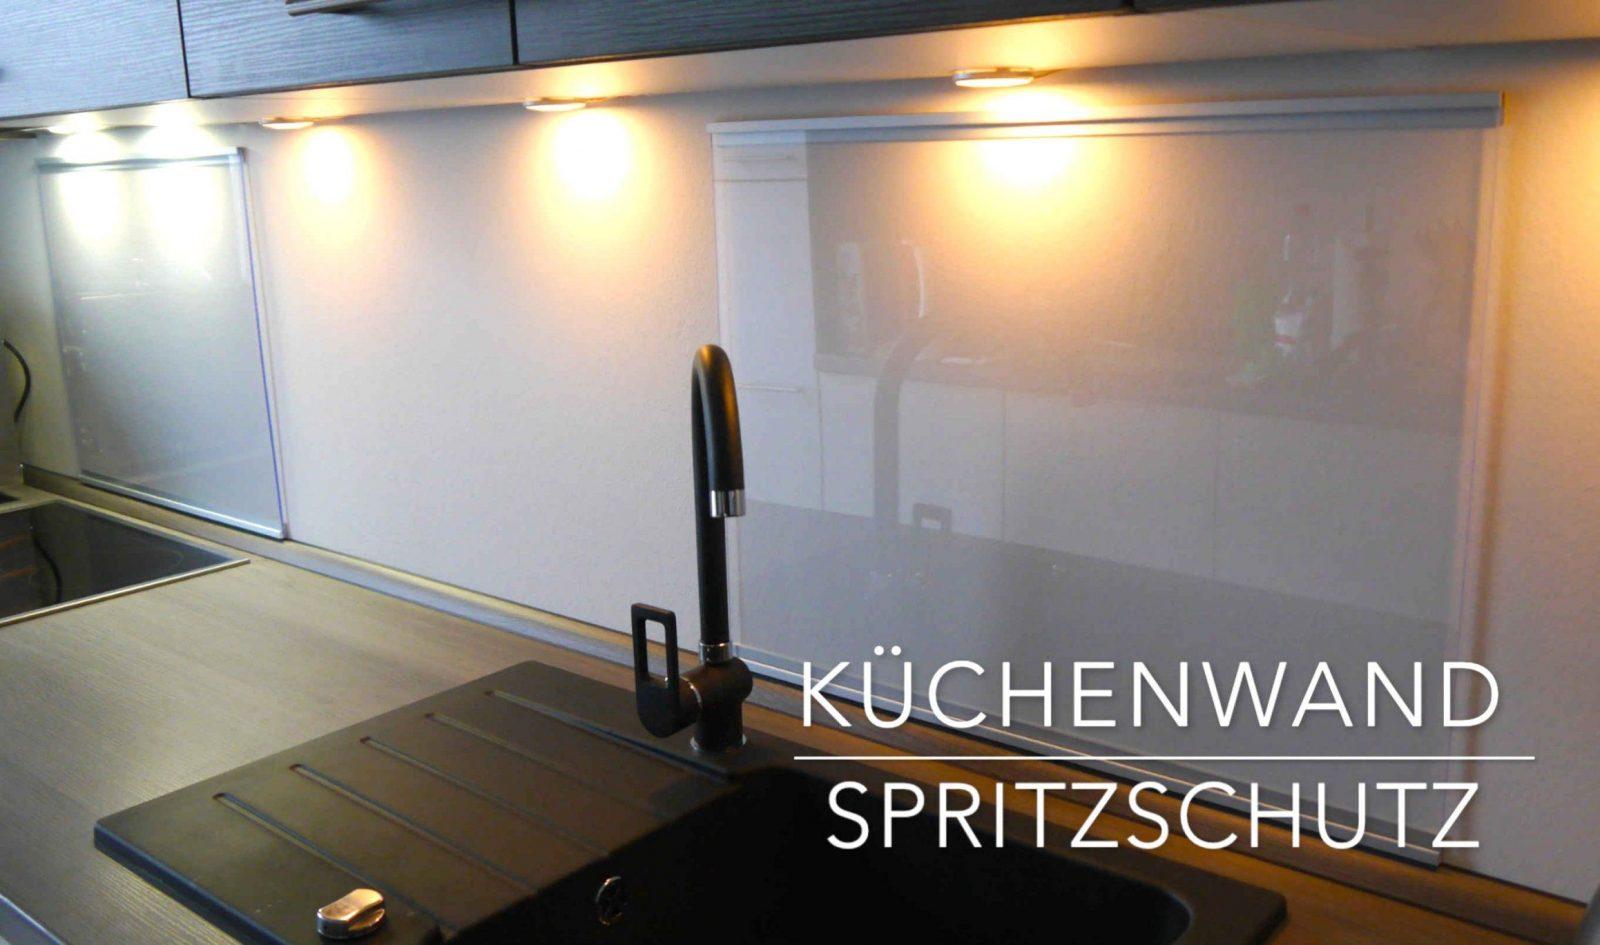 Küchen Wand Spritzschutz Aus Plexiglas Selber Bauen Anleitung Avec von Fenster Plexiglas Selber Bauen Bild